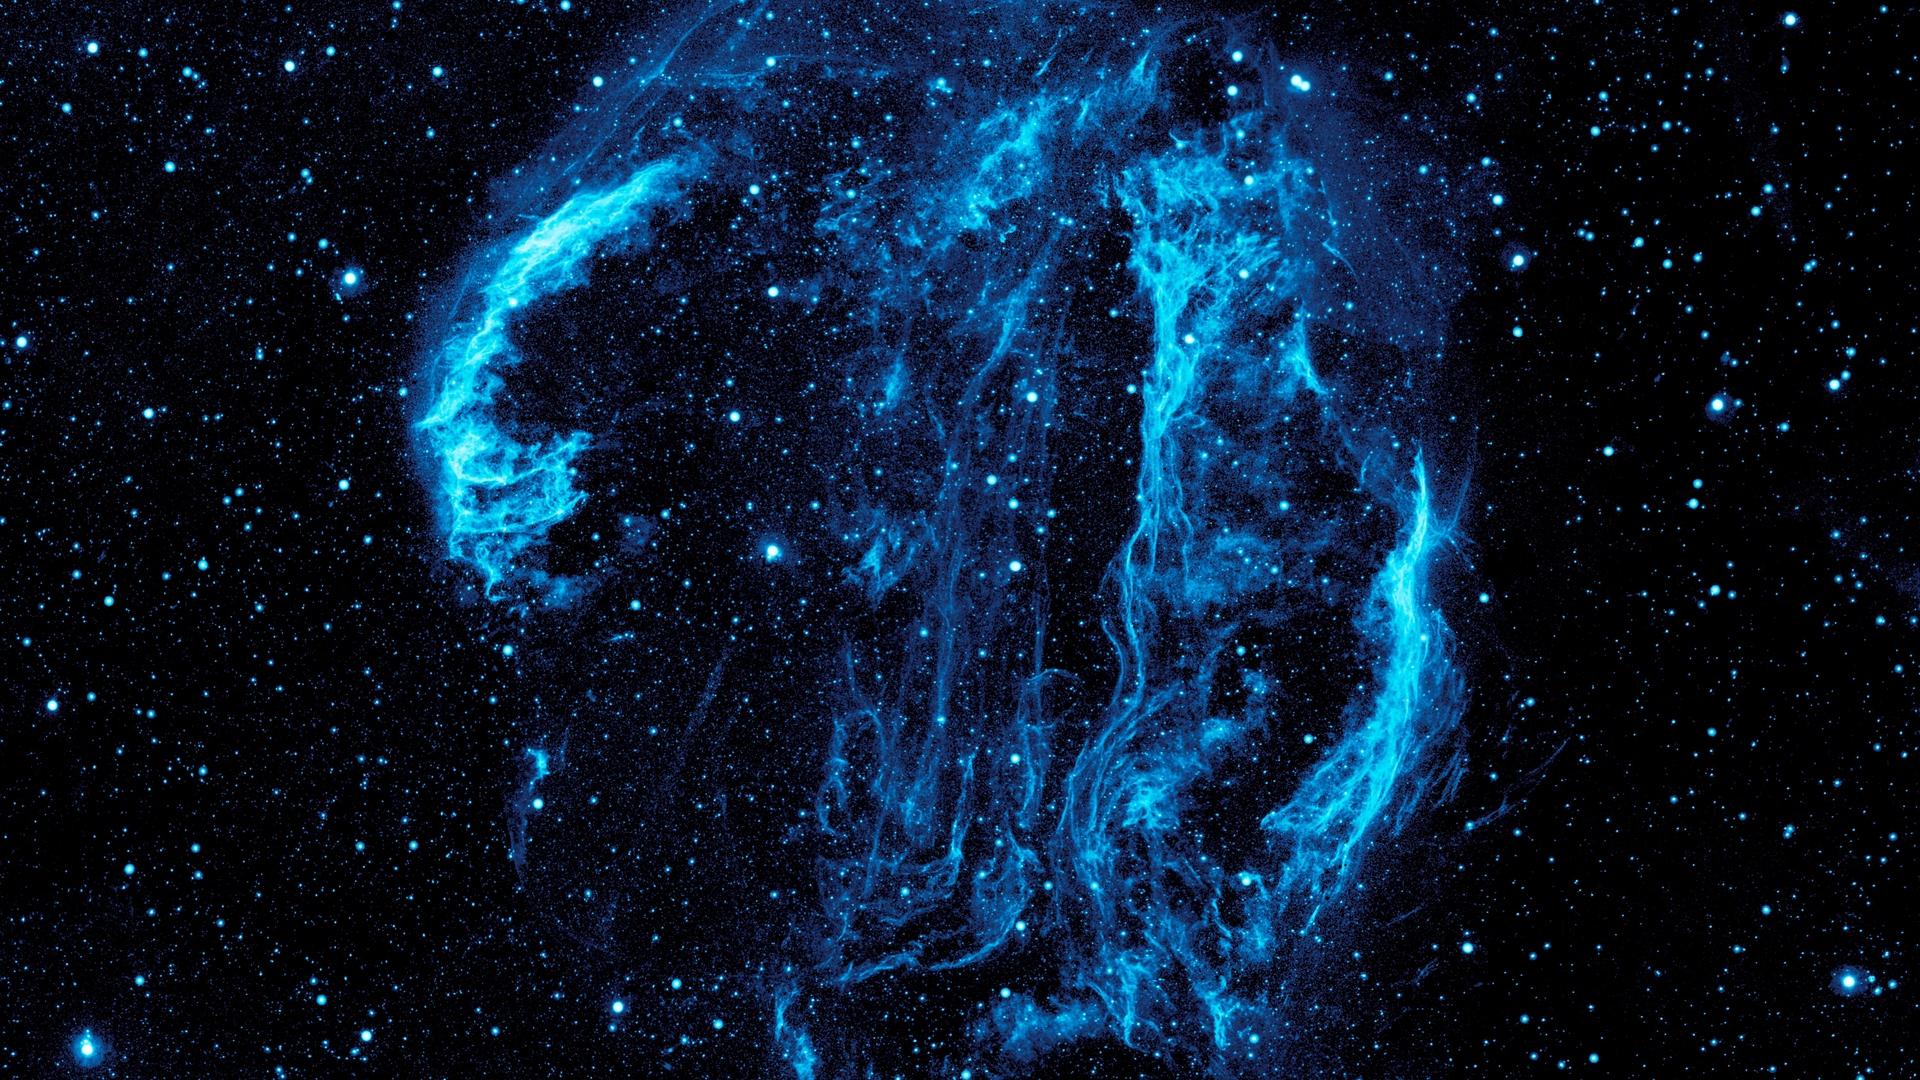 Sci Fi Nebula 1920x1080